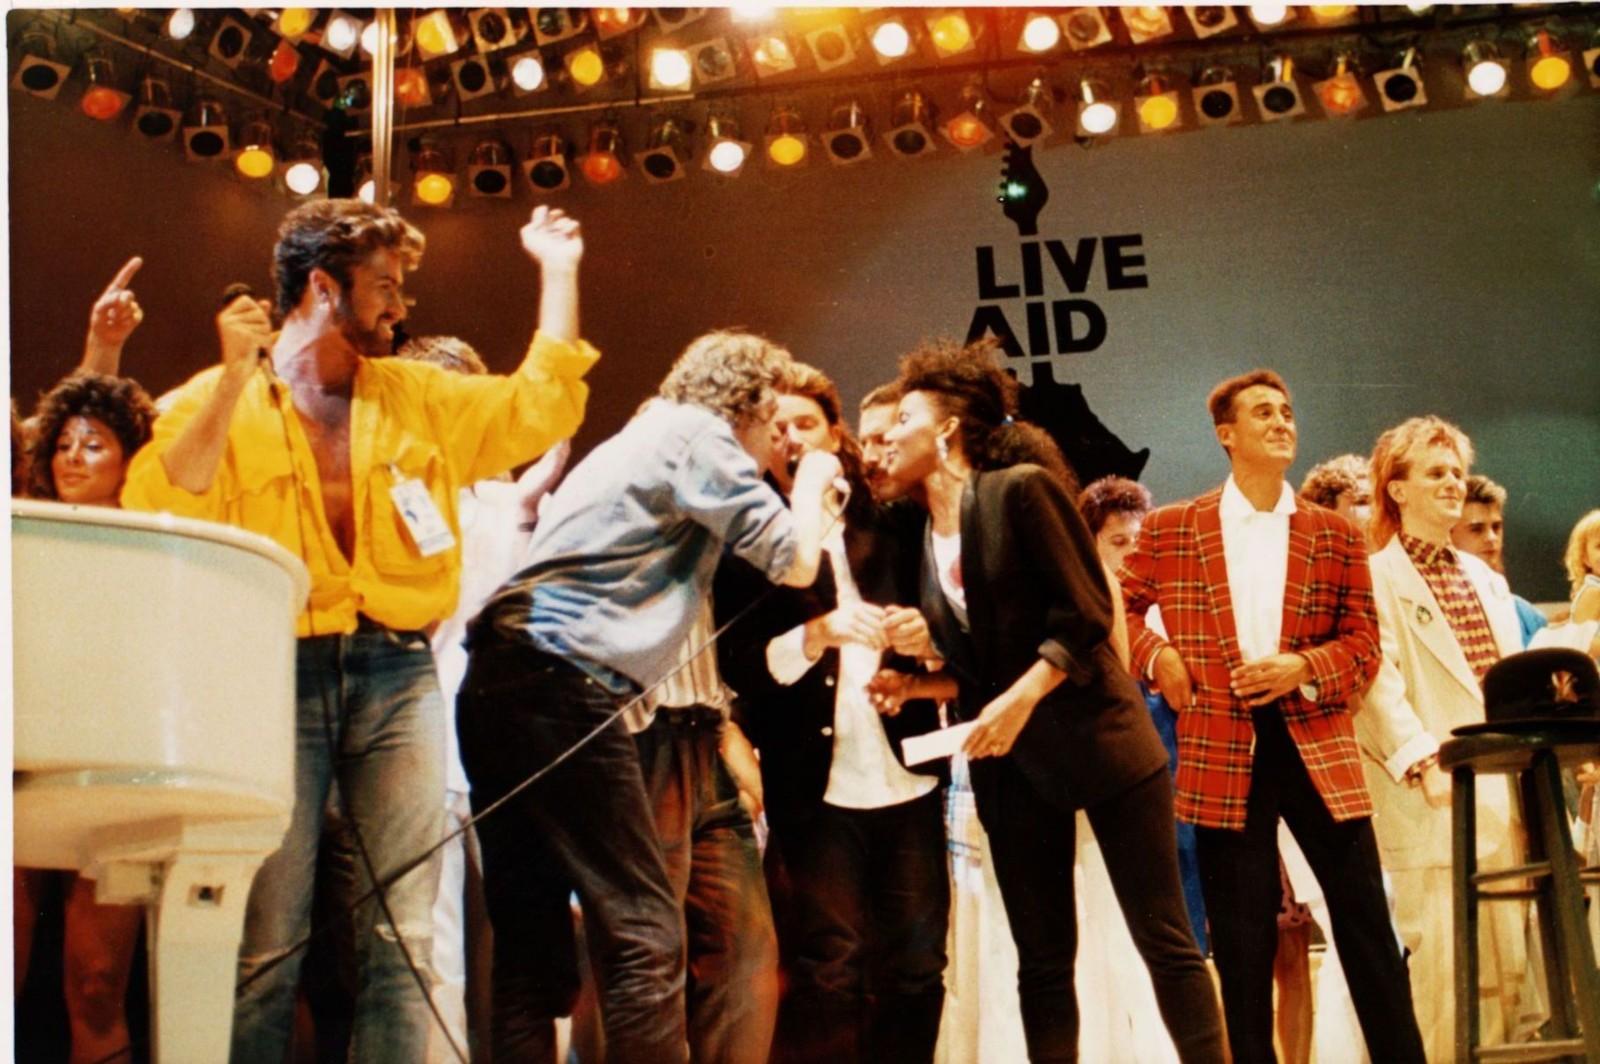 1985: George Michael (i gul skjorte) på scenen under veldedighetskonserten Live Aid på Wembley i London 13. juli 1985. Ellers på scenen: Bob Geldolf, Bono i U2, Freddie Mercury i Queen, Andrew Ridgley i Wham! og Howard Jones.